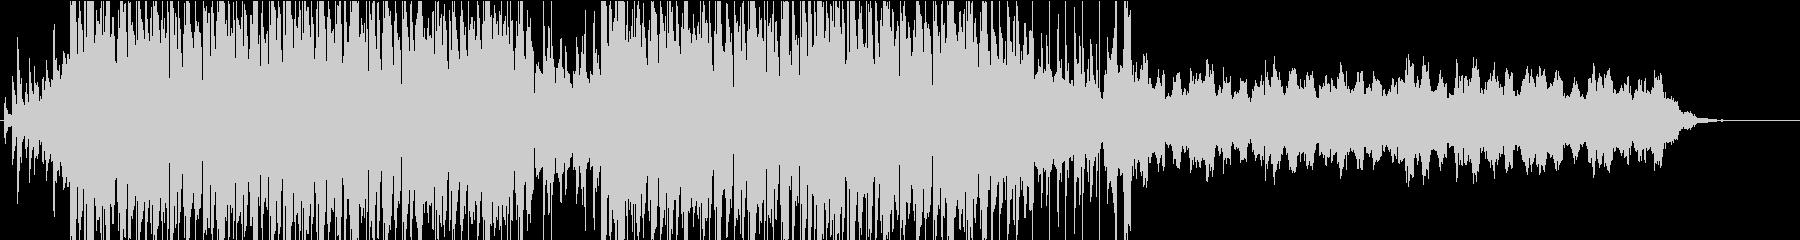 南国リゾ~ト!耳に残るトロピカルハウス③の未再生の波形